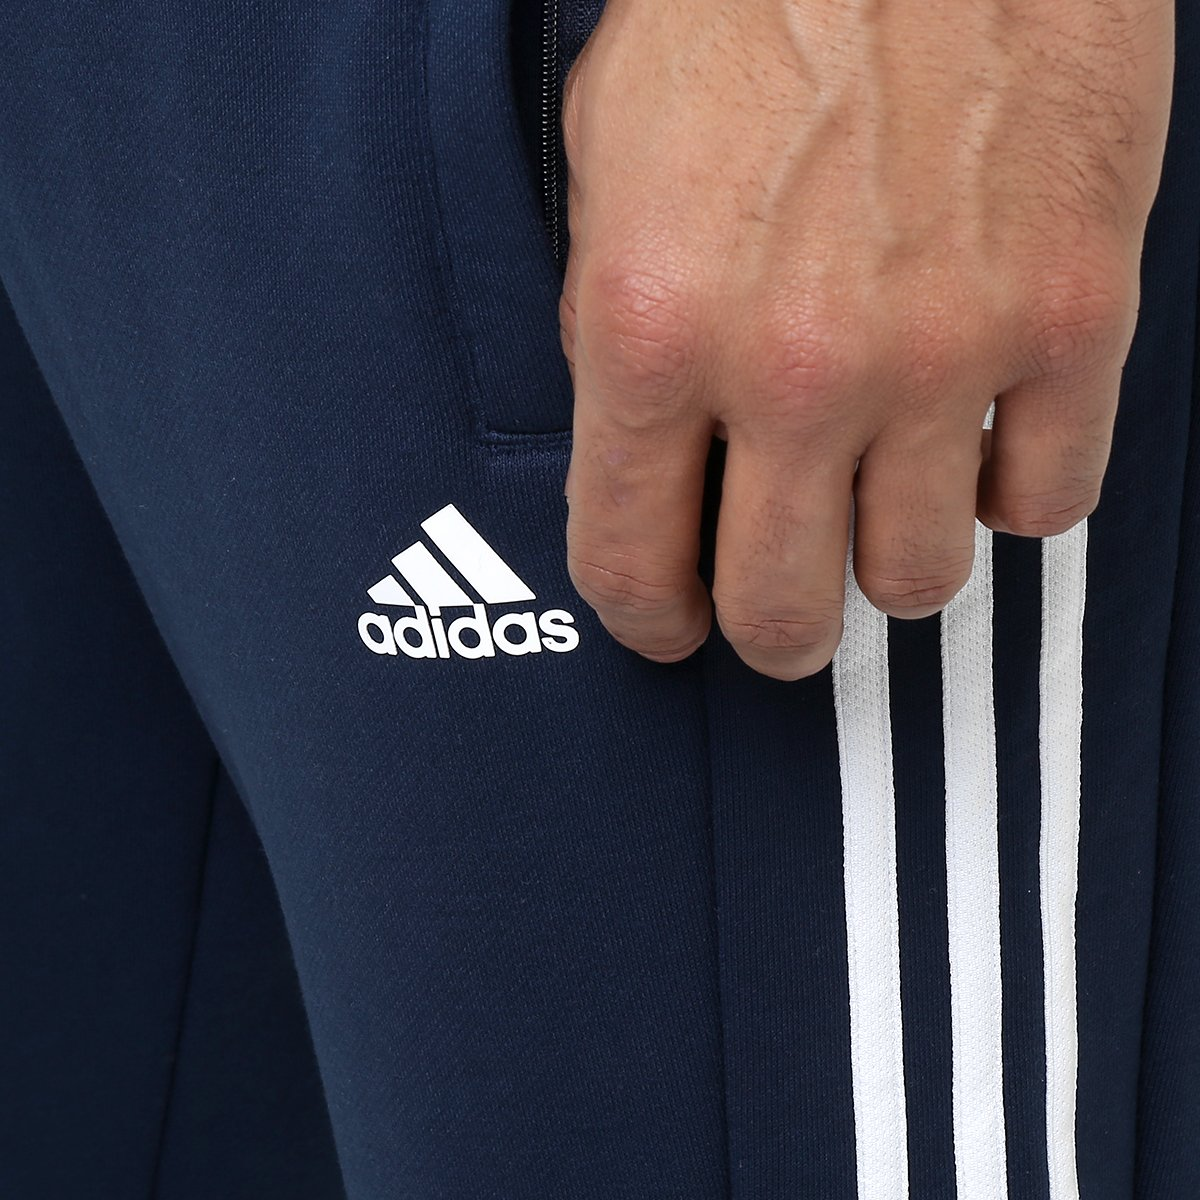 Calça Adidas Originals Tap Auth 1 0 Marinho e Branco